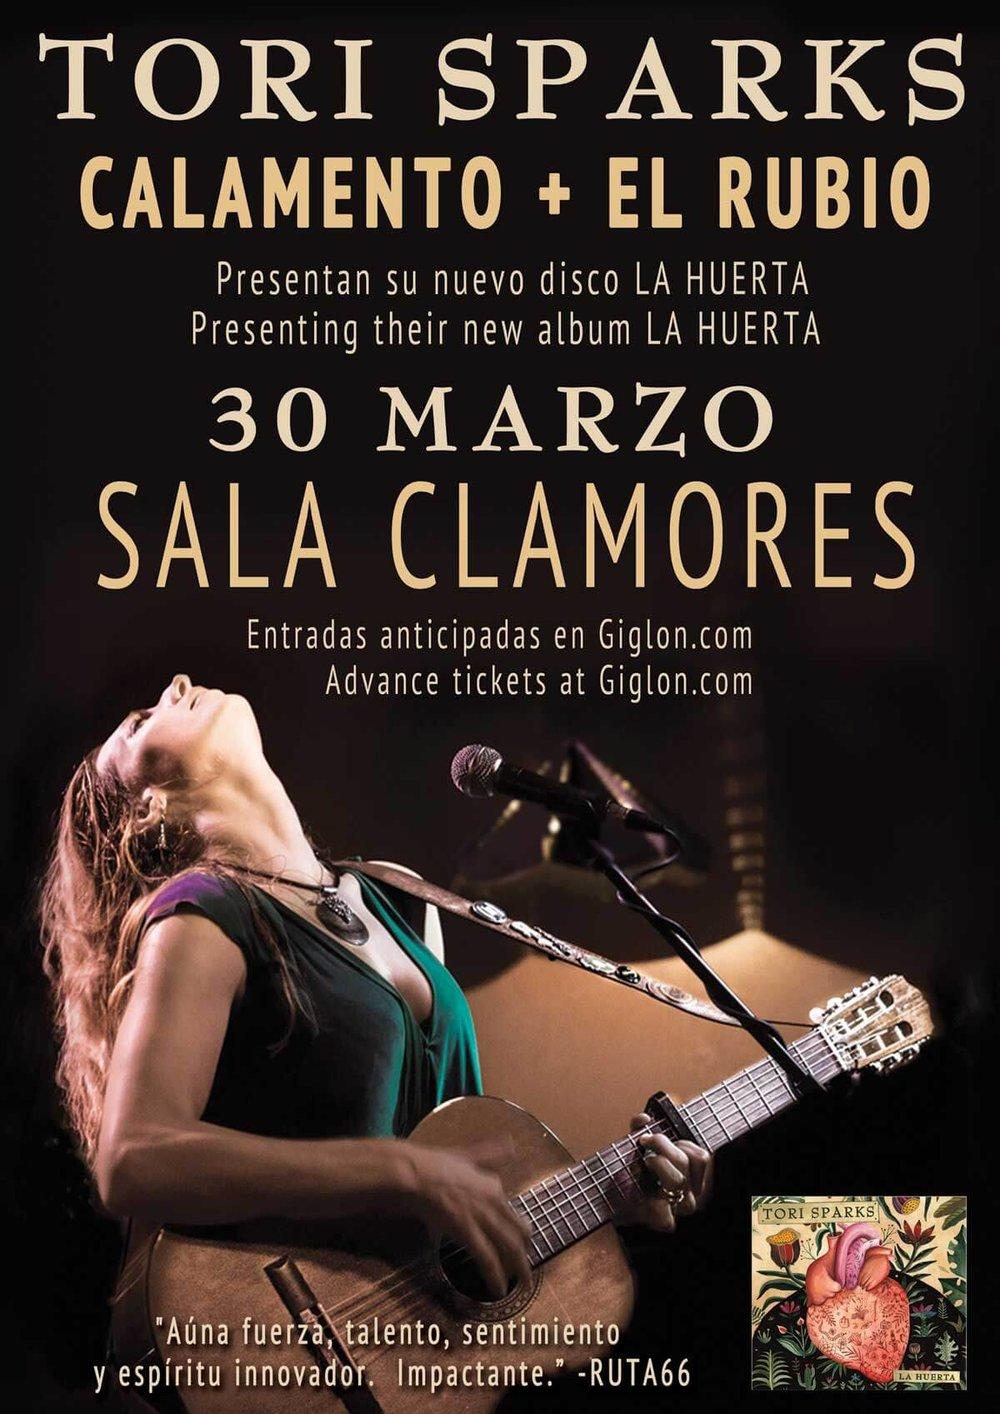 Tori Sparks Madrid Concert Poster